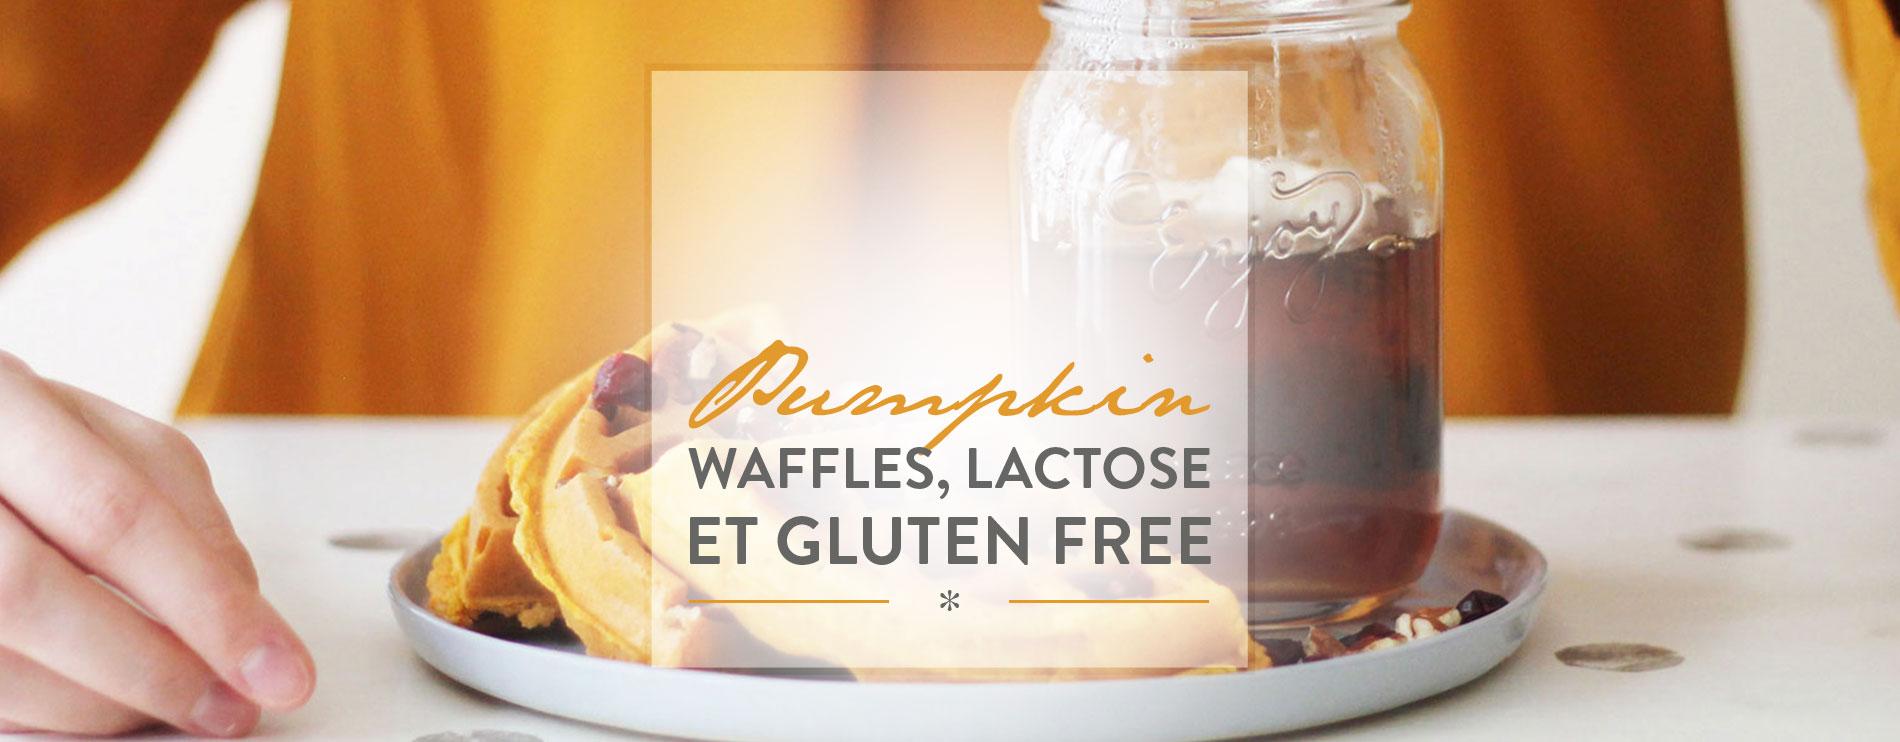 Pumpkin waffles,lactose et gluten free